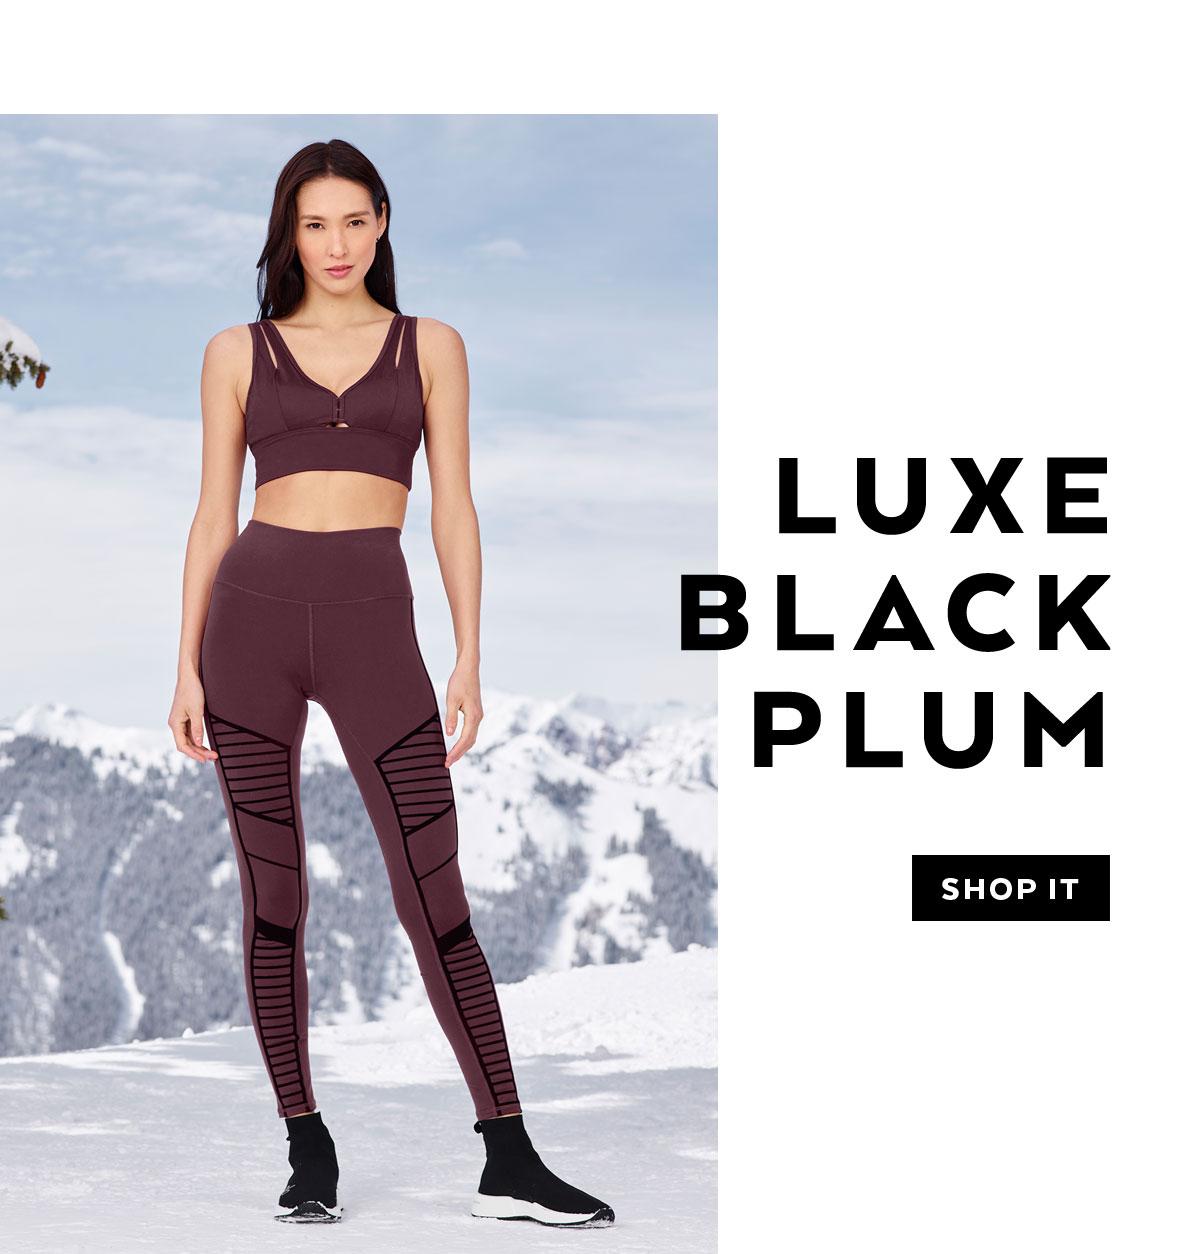 LUXE BLACK PLUM. SHOP IT